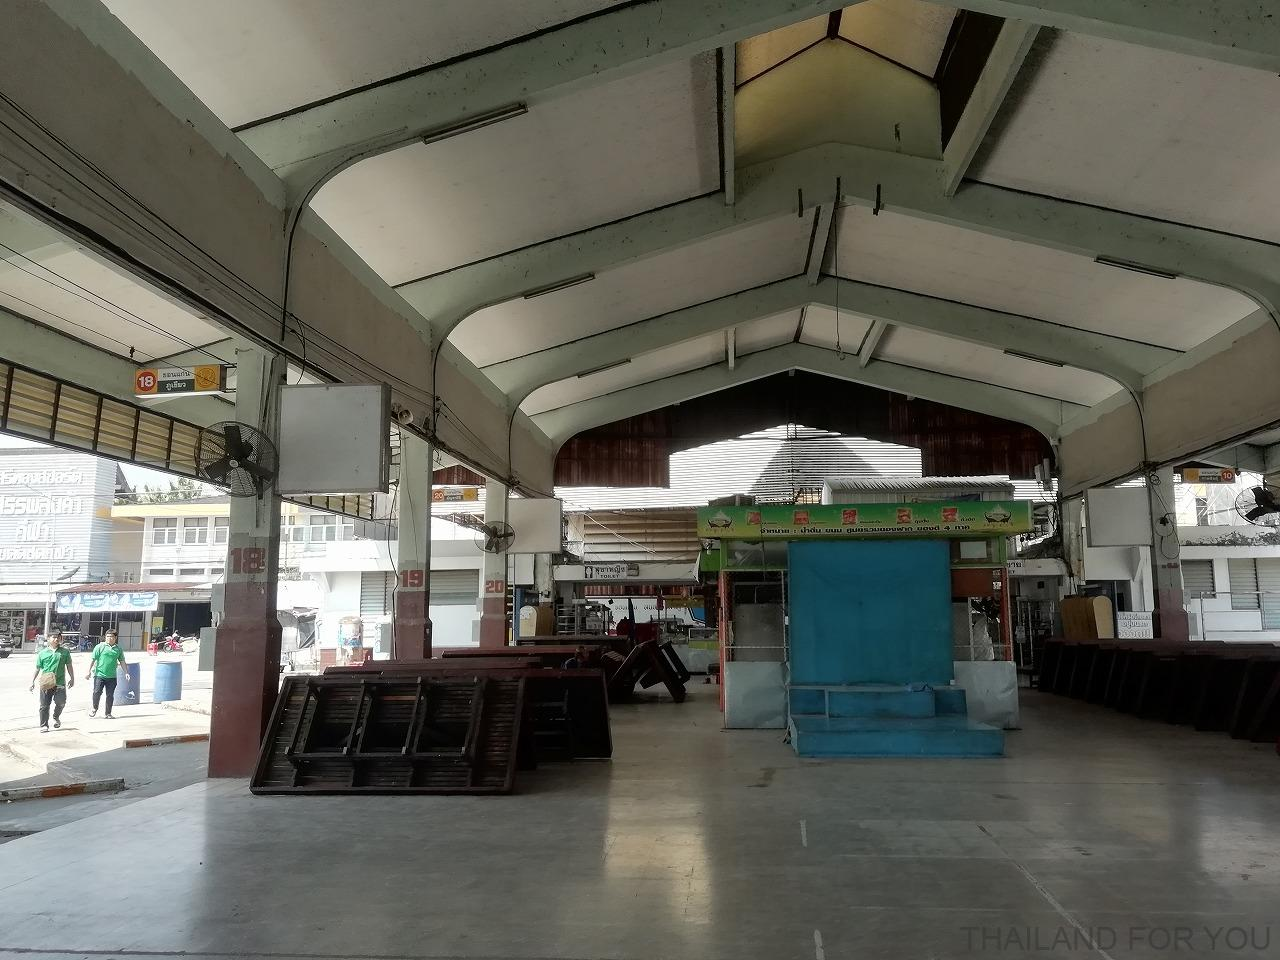 コンケン バスターミナル1 khon kaen bus terminal 1